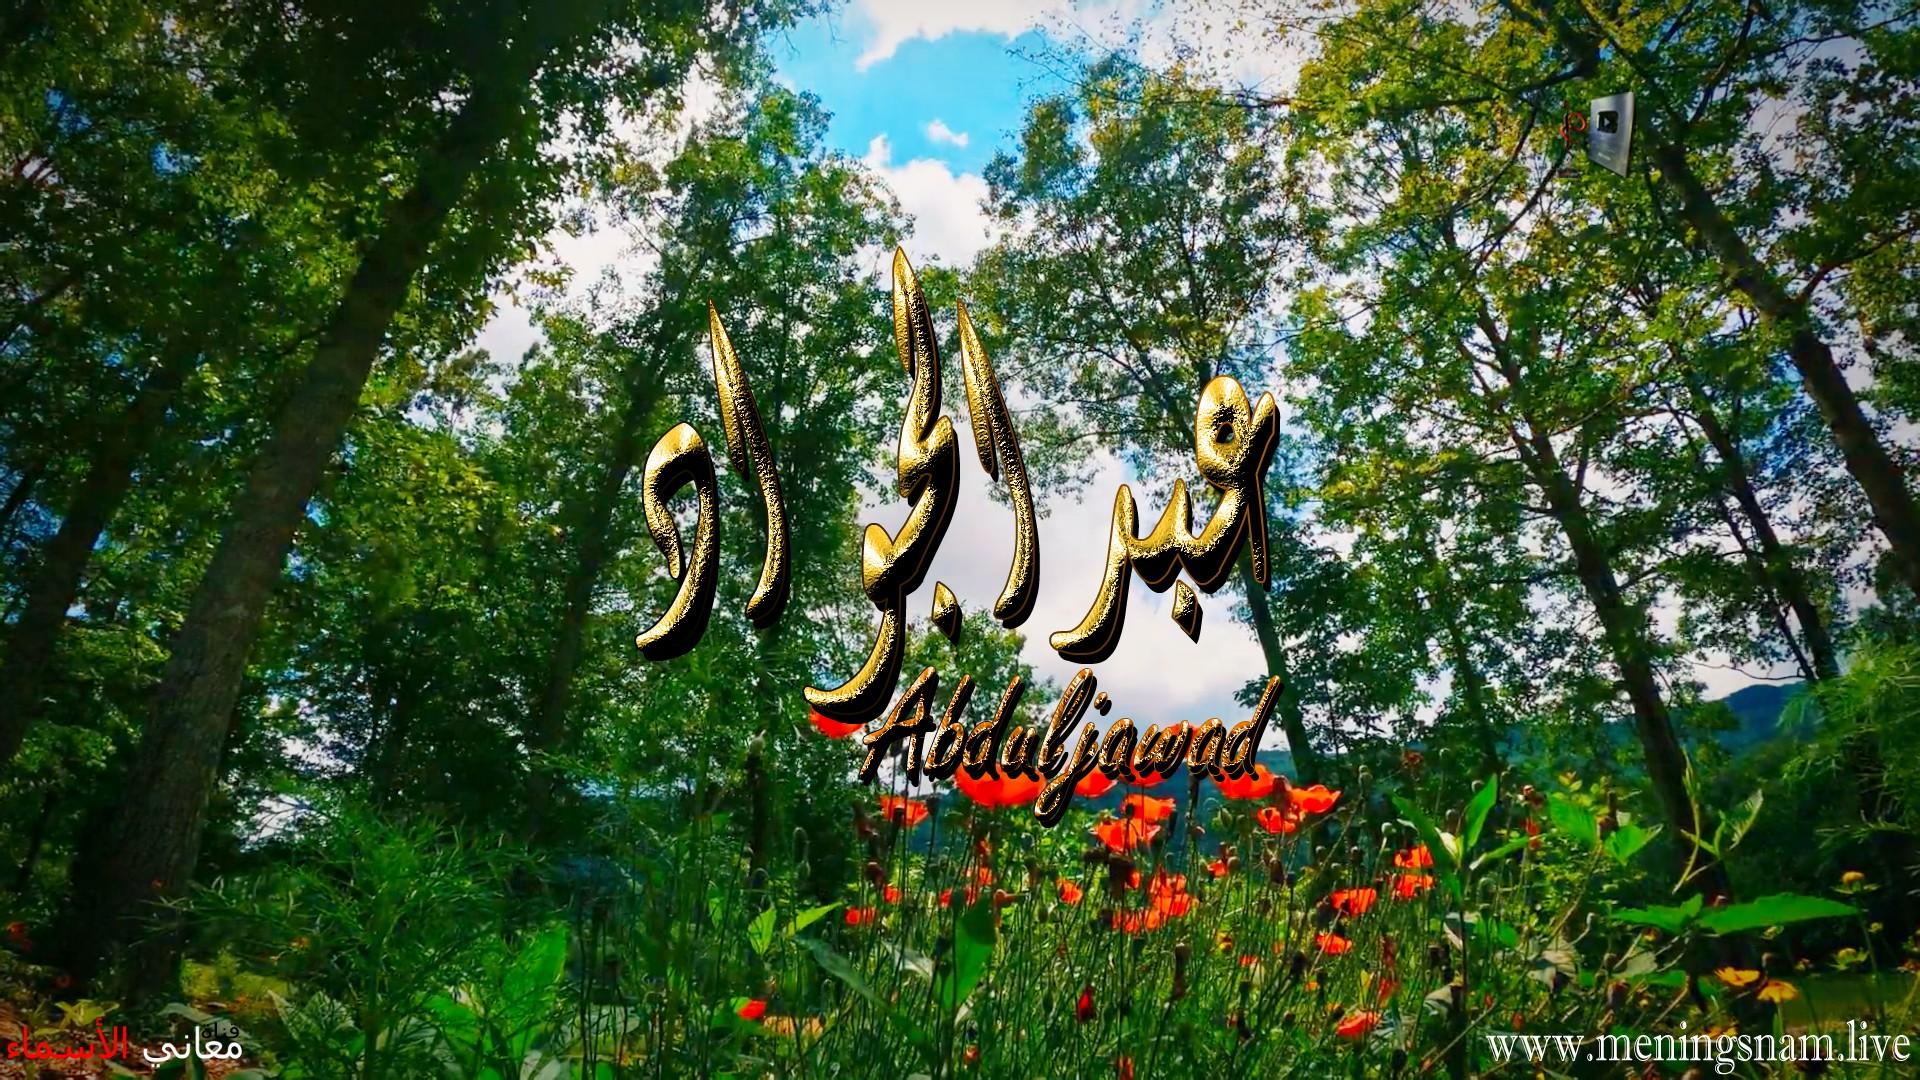 معنى اسم عبد الجواد وصفات حامل هذا الاسم Abduljawad